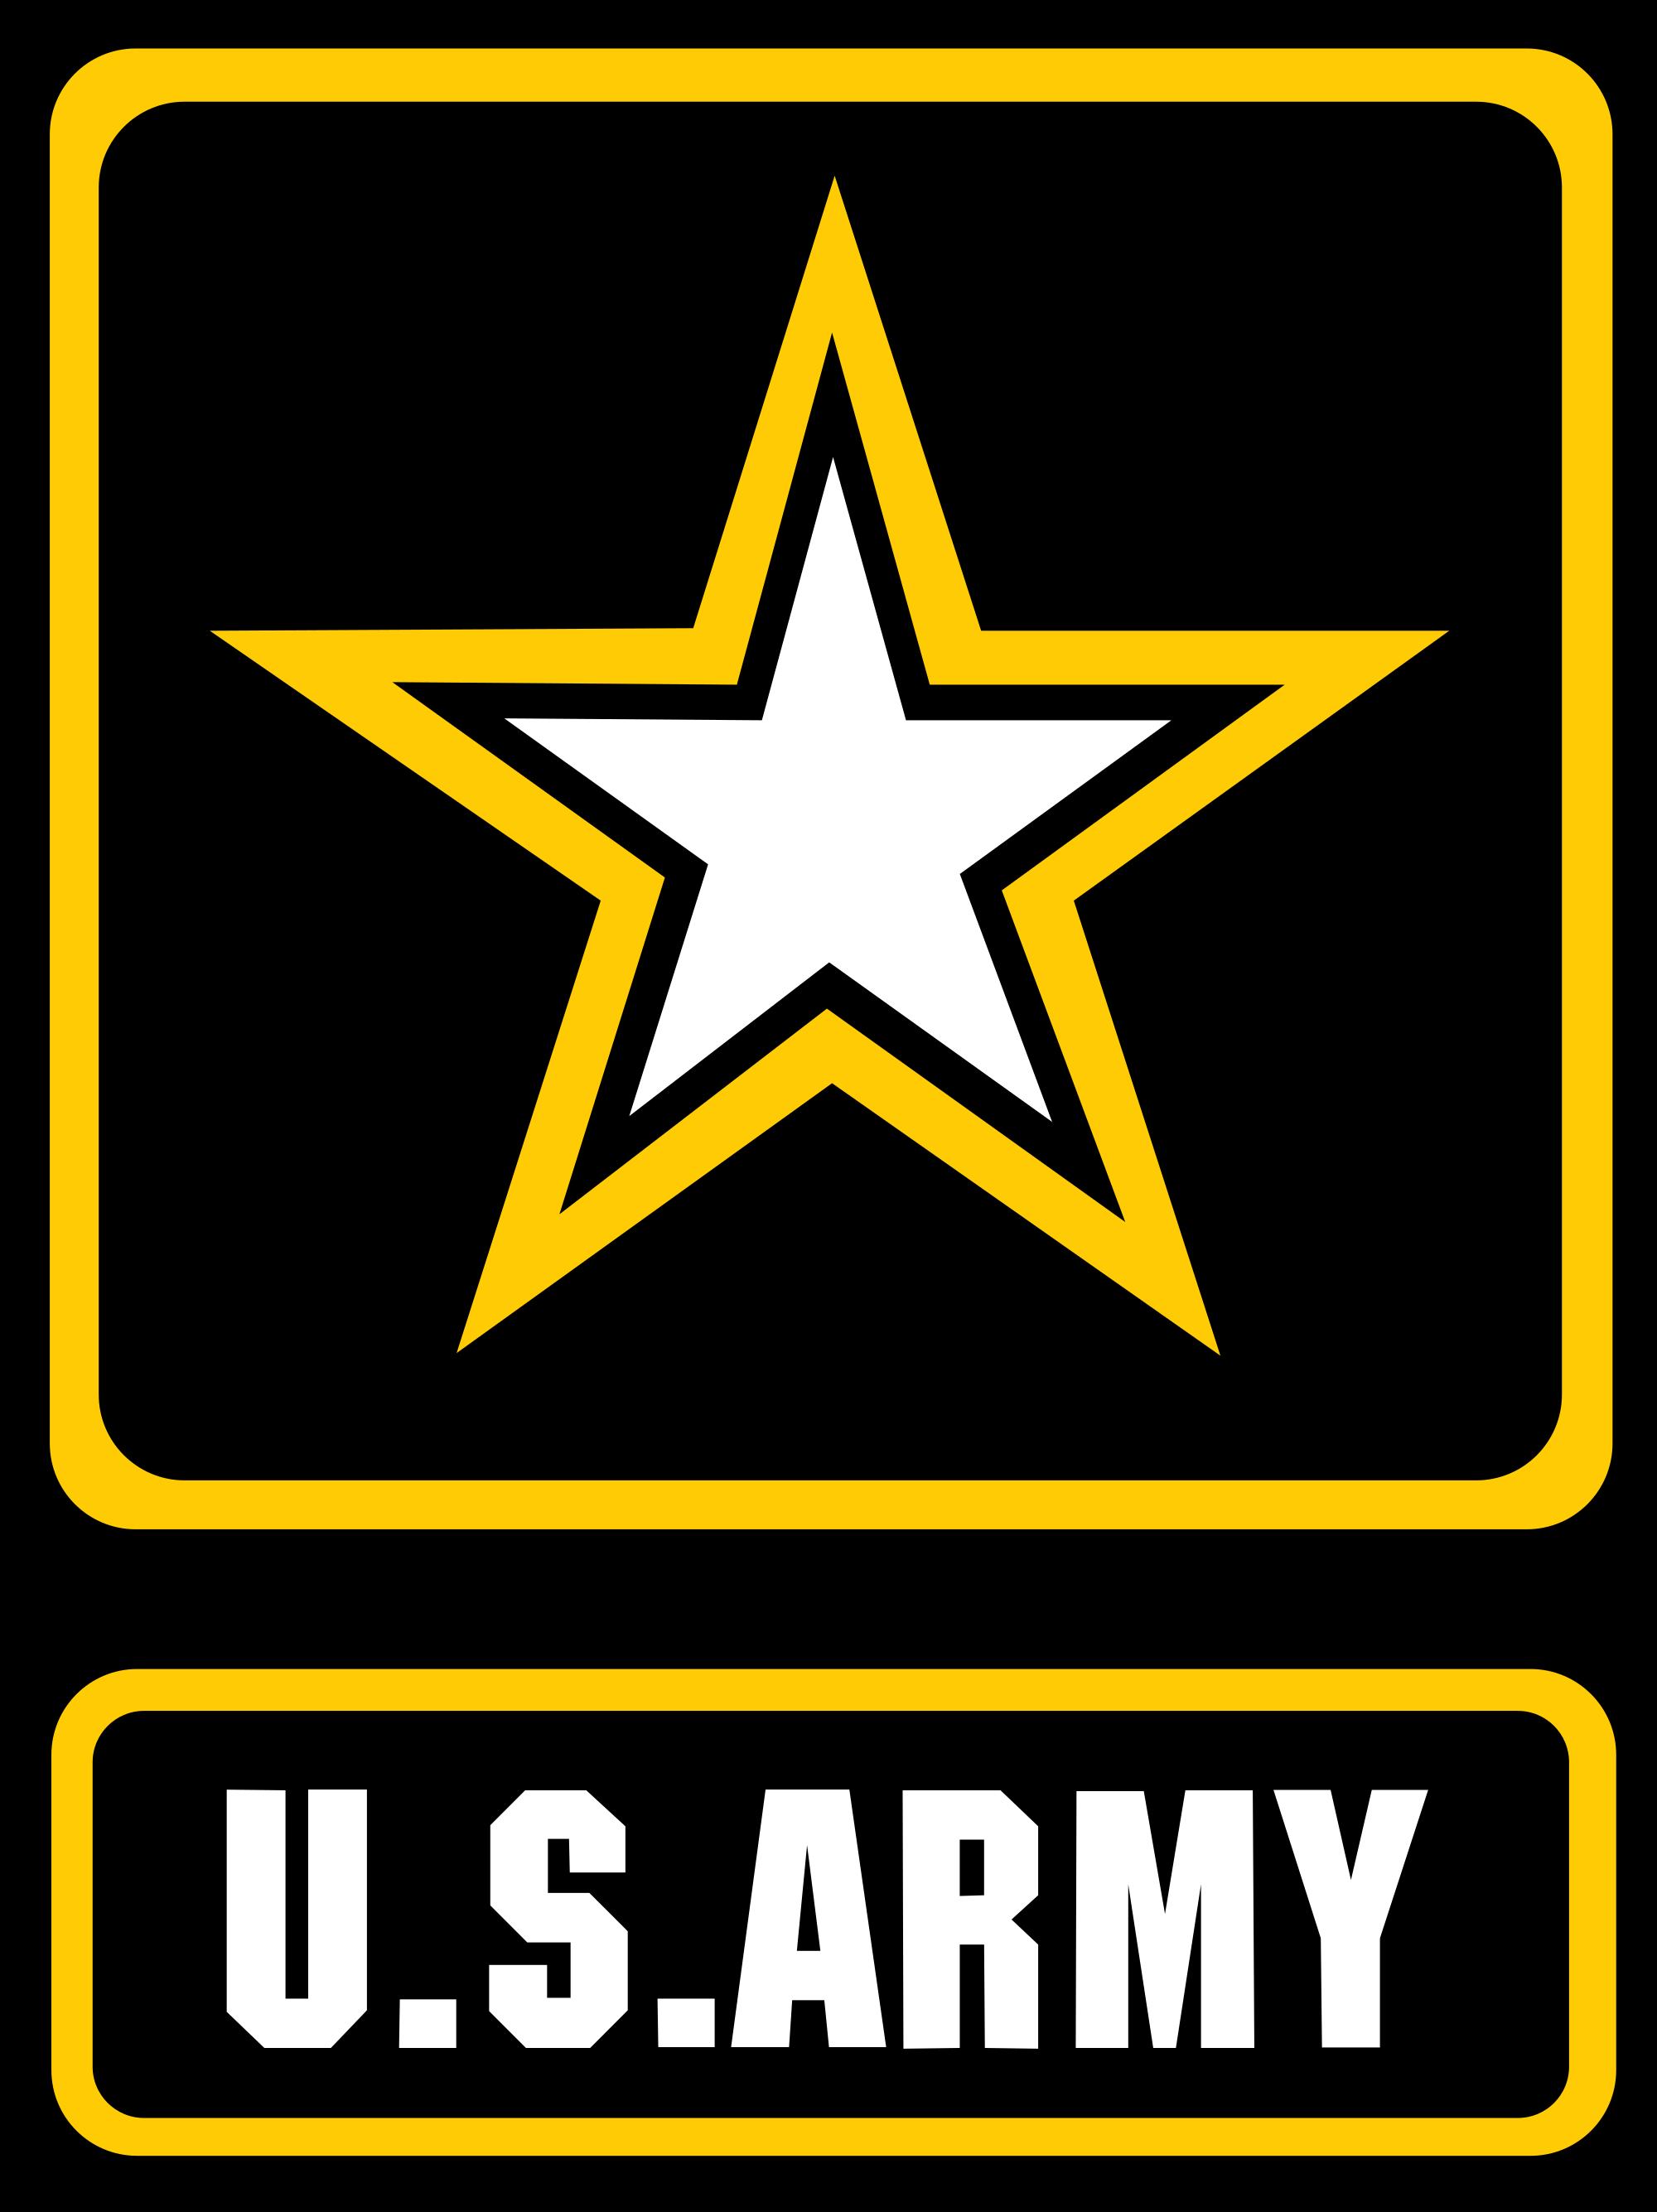 US_Army_logo